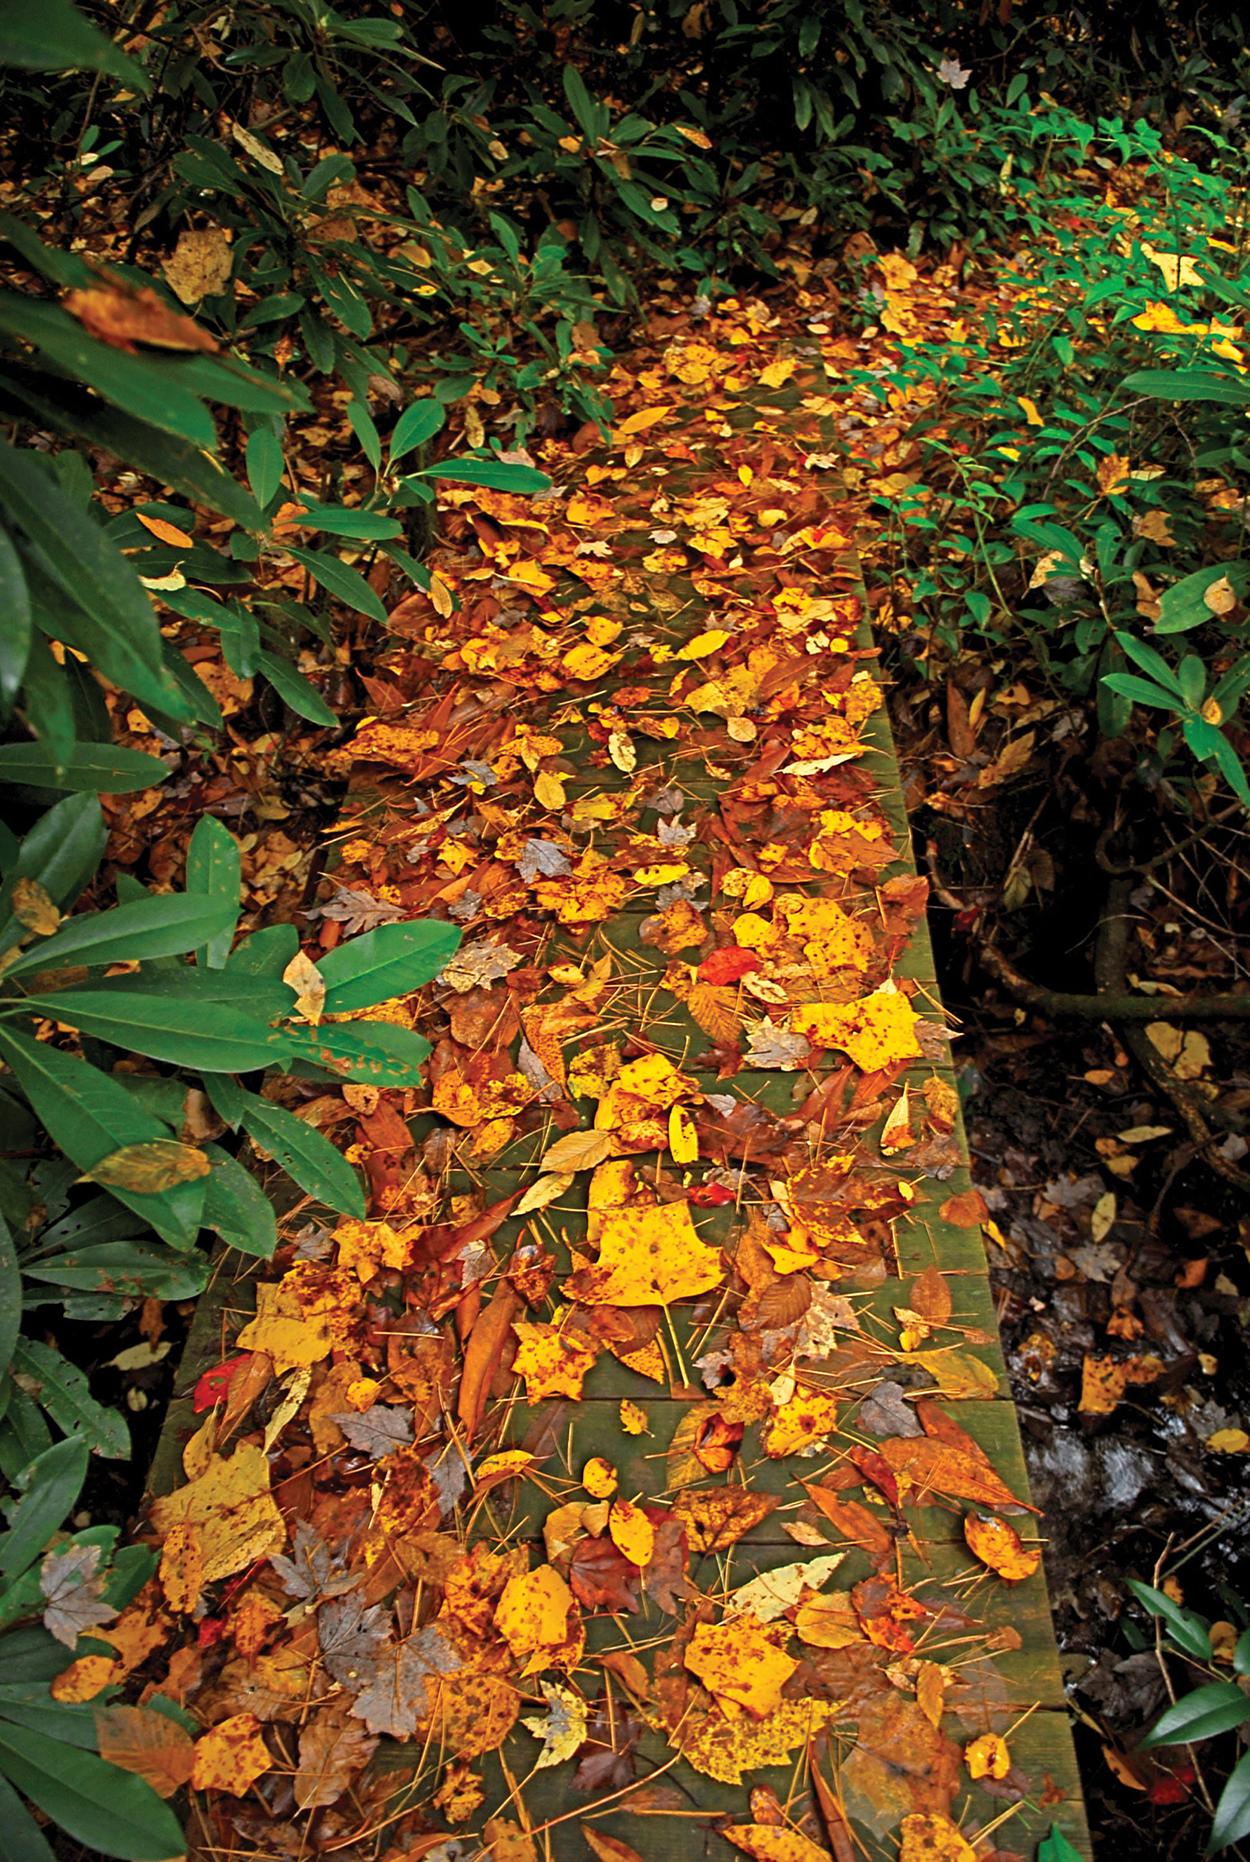 Highlands-Biological-Foundation-October-LEAVES